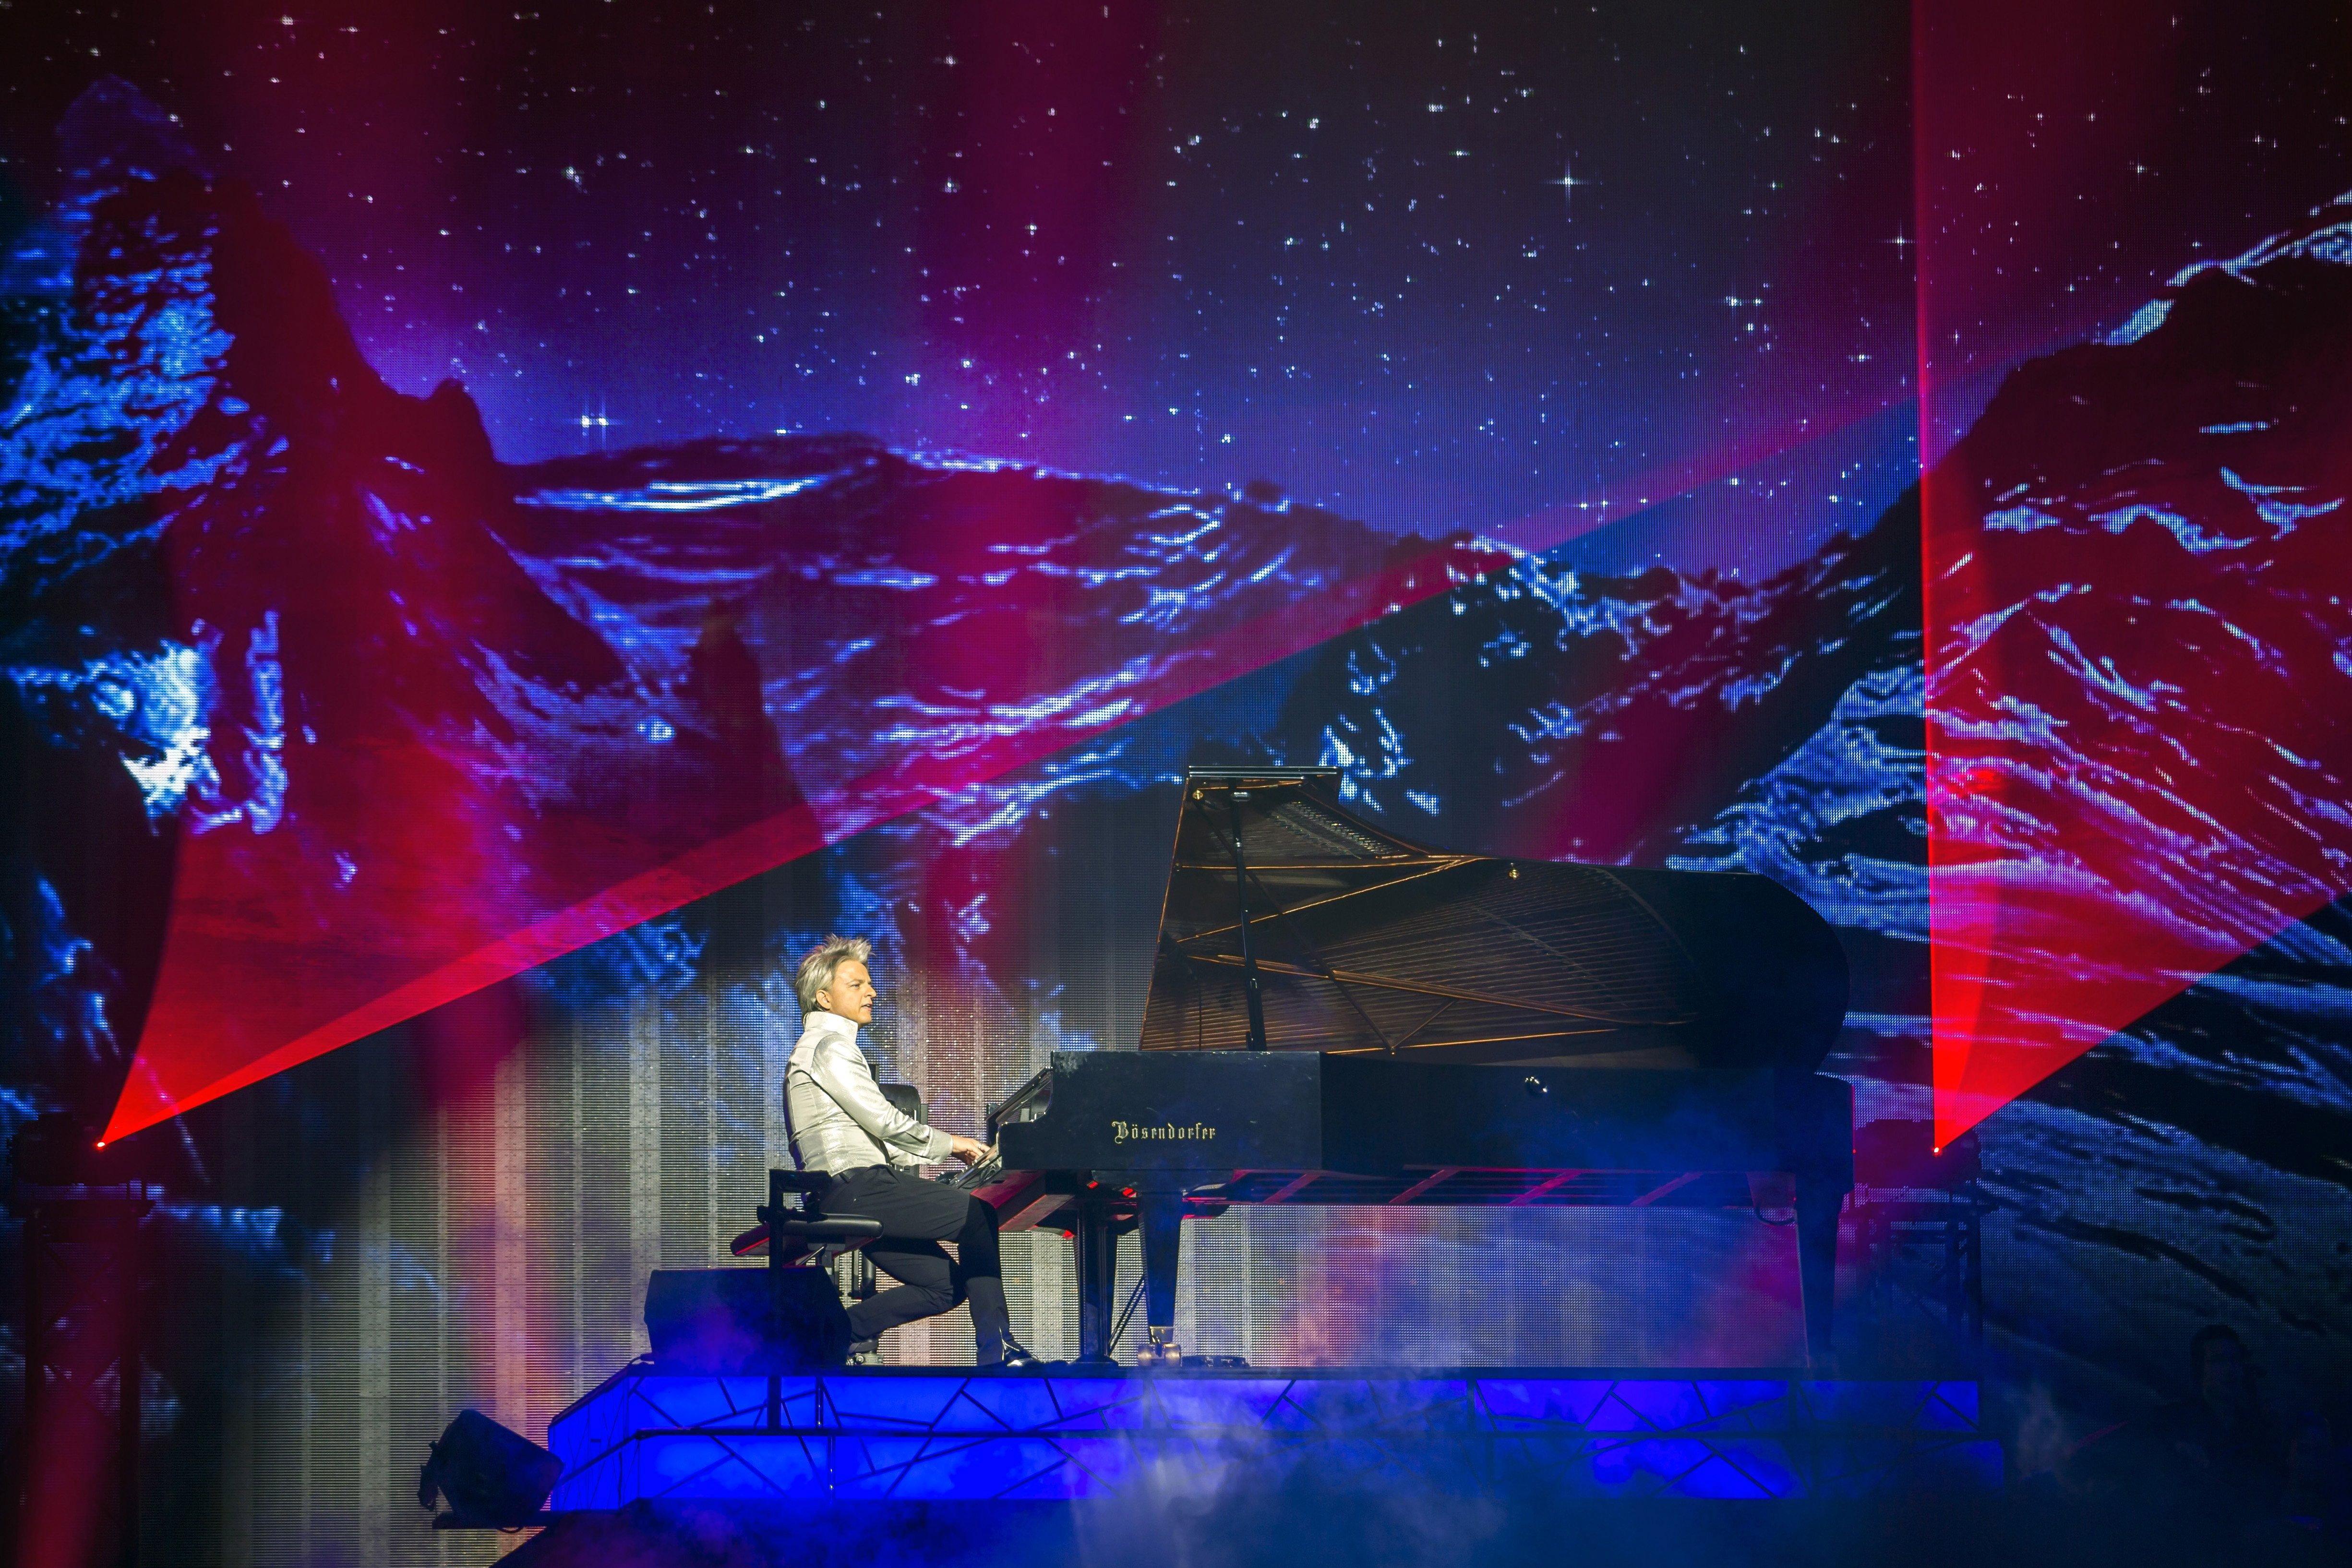 A külügyminisztérium három év alatt 450 millió forintot adott a zongorista Havasi Balázs cégének